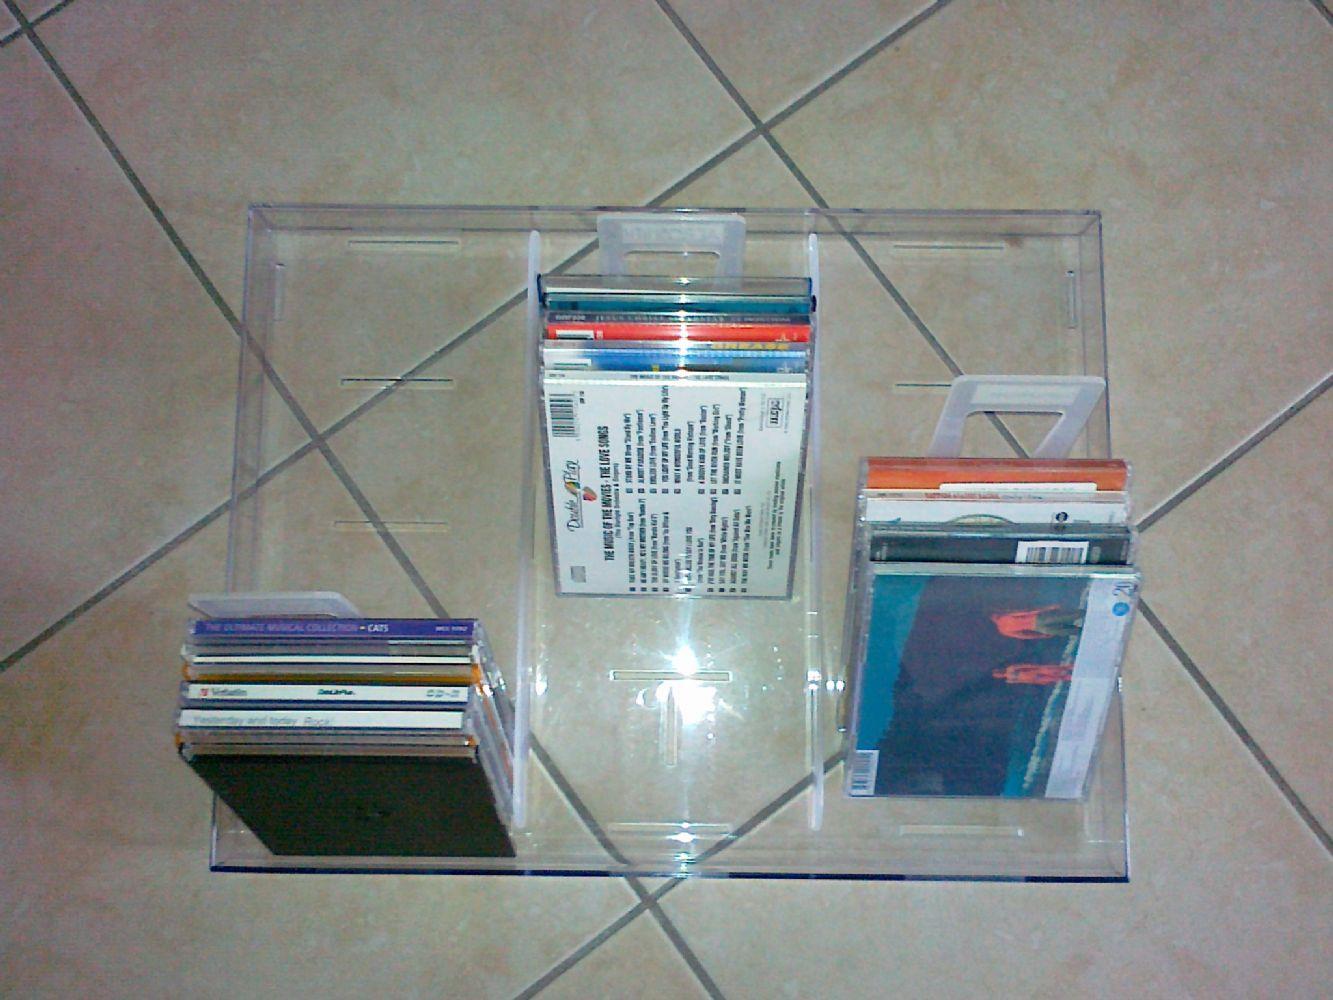 Baratto scambio ikea porta cd dvd arredamento for Complementi d arredo ikea